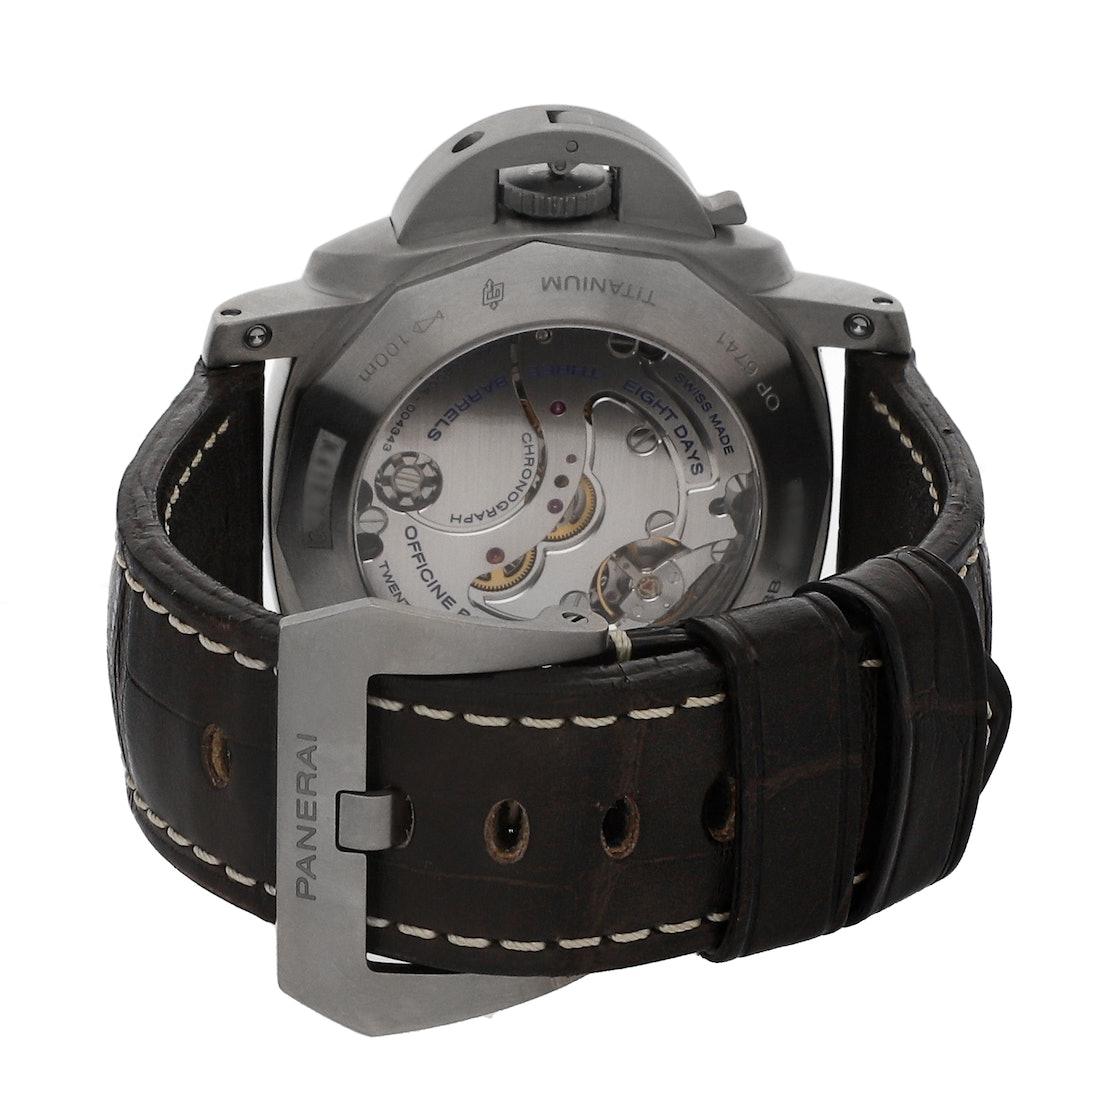 Panerai Luminor 1950 Chronograph Monopulsante 8-Days GMT Titanio PAM 311